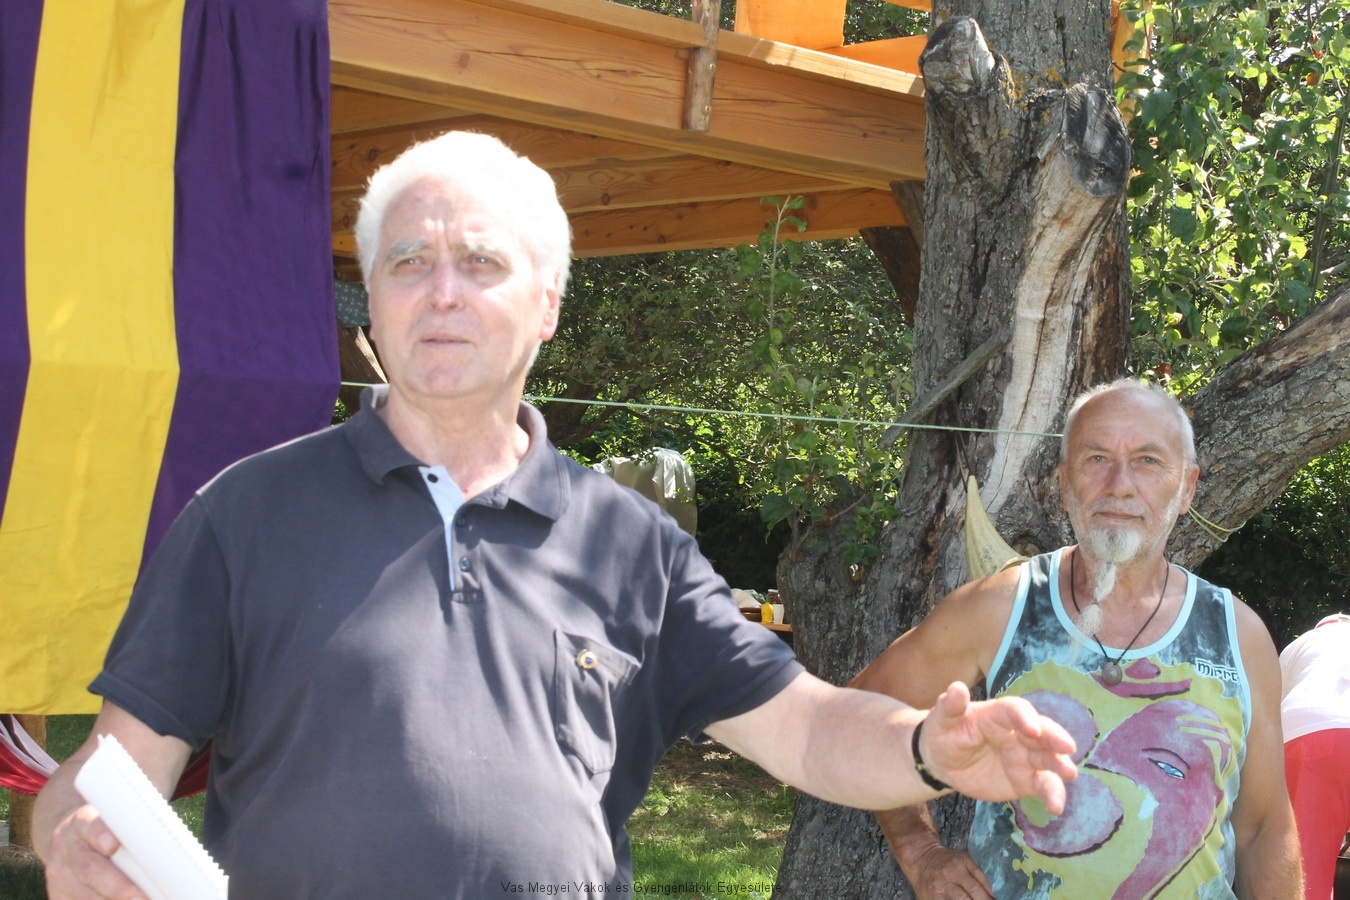 Zsámboki Árpád megnyitja a 9-dik Mesterszakács főzőversenyt. Mellette Nagy Gábor, a Nagy vendégház gazdája, és vendéglátónk.